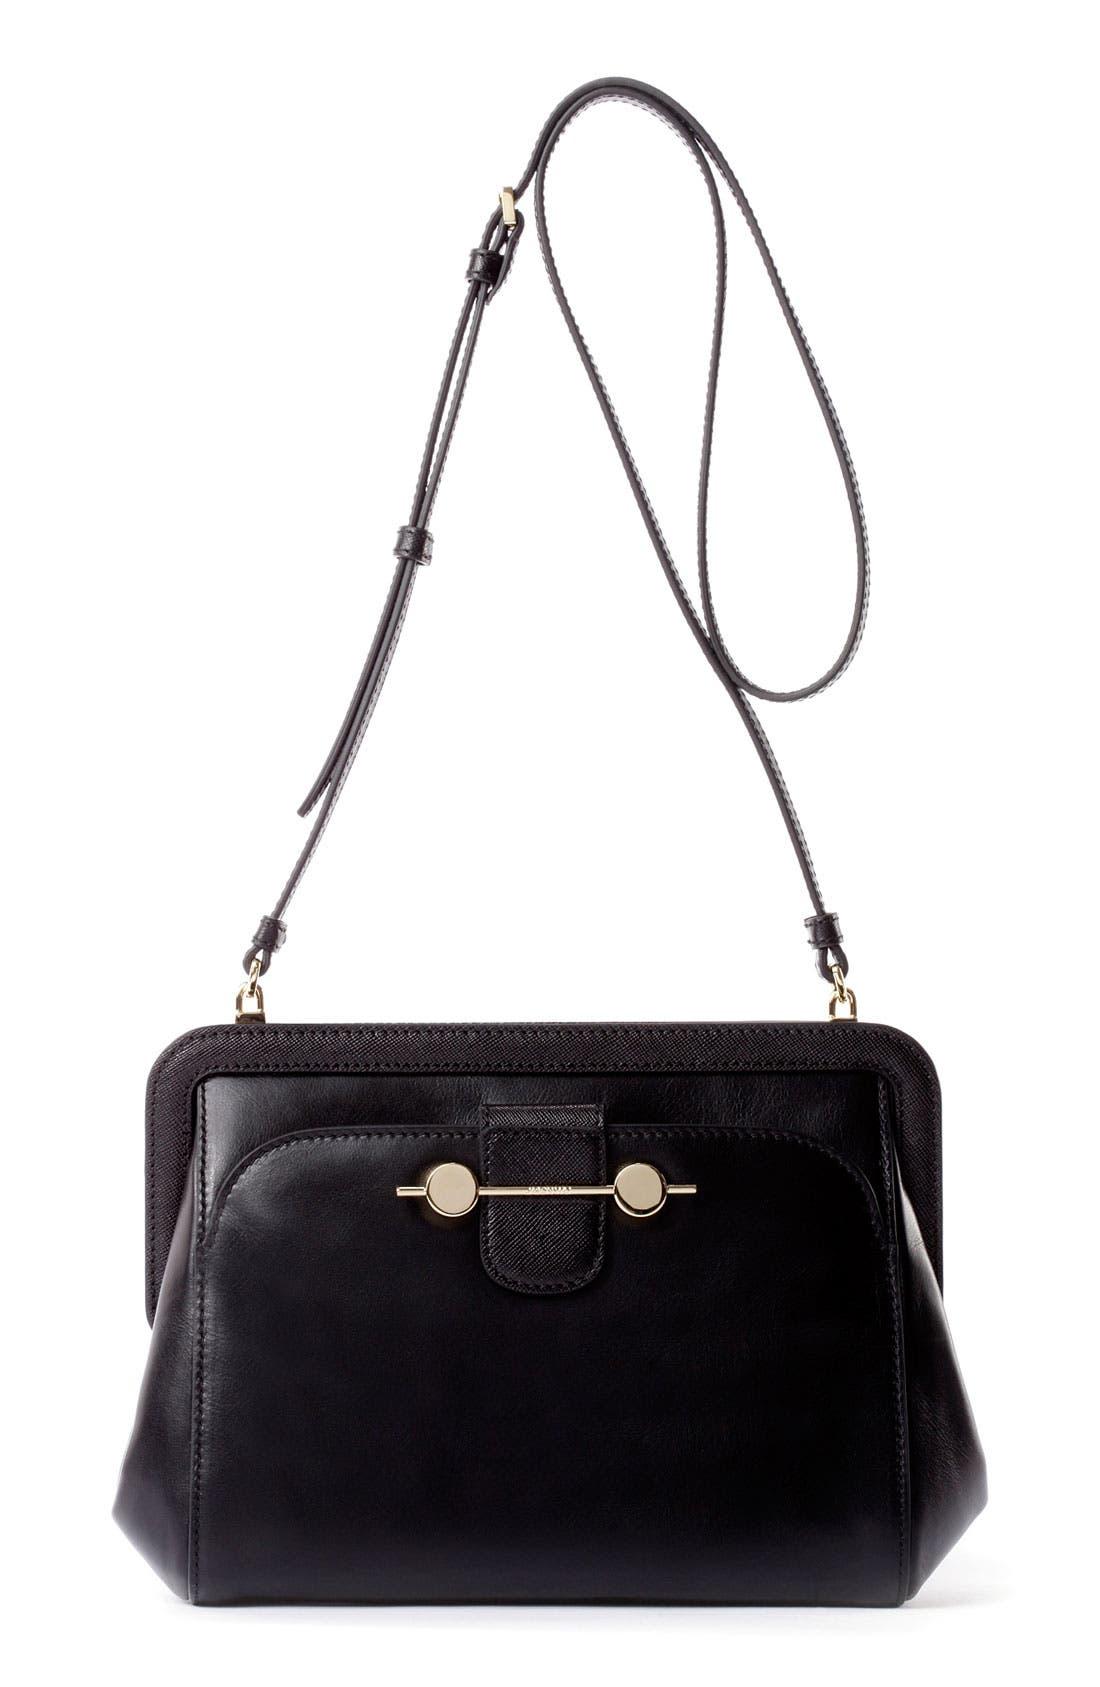 Main Image - Jason Wu 'Daphne' Leather Crossbody Bag